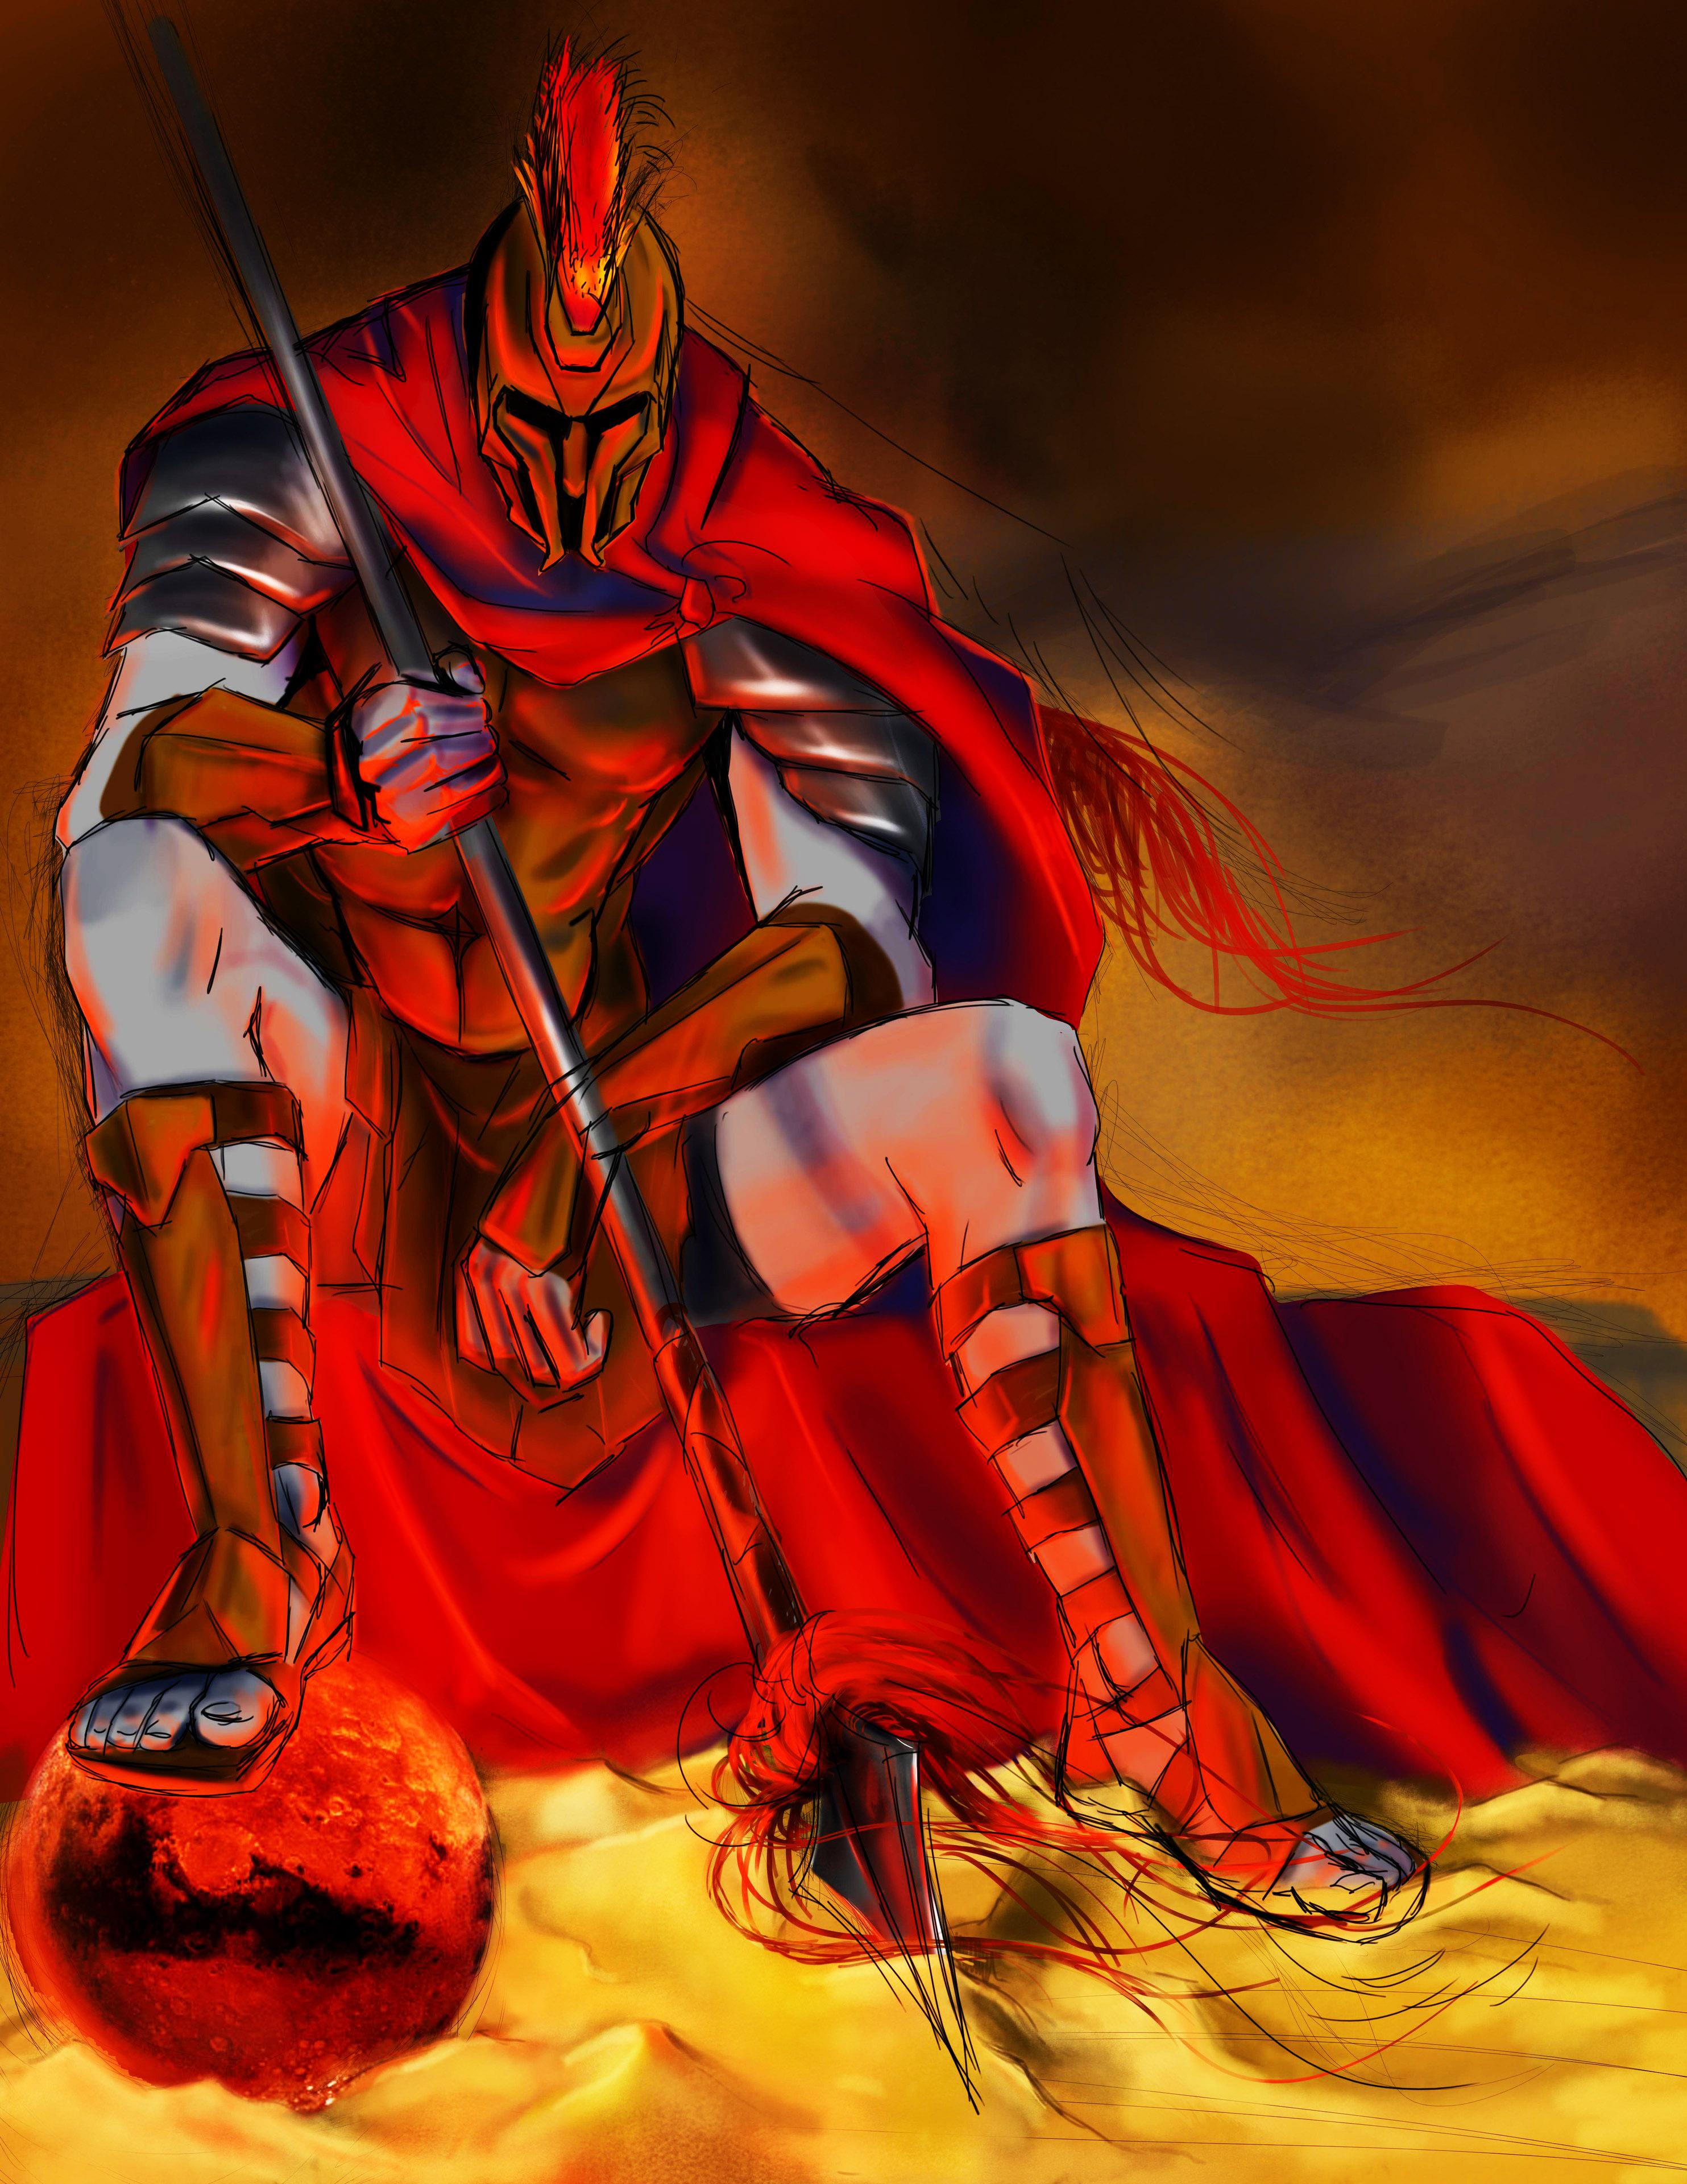 cung hoàng đạo Bạch Dương thần chiến tranh